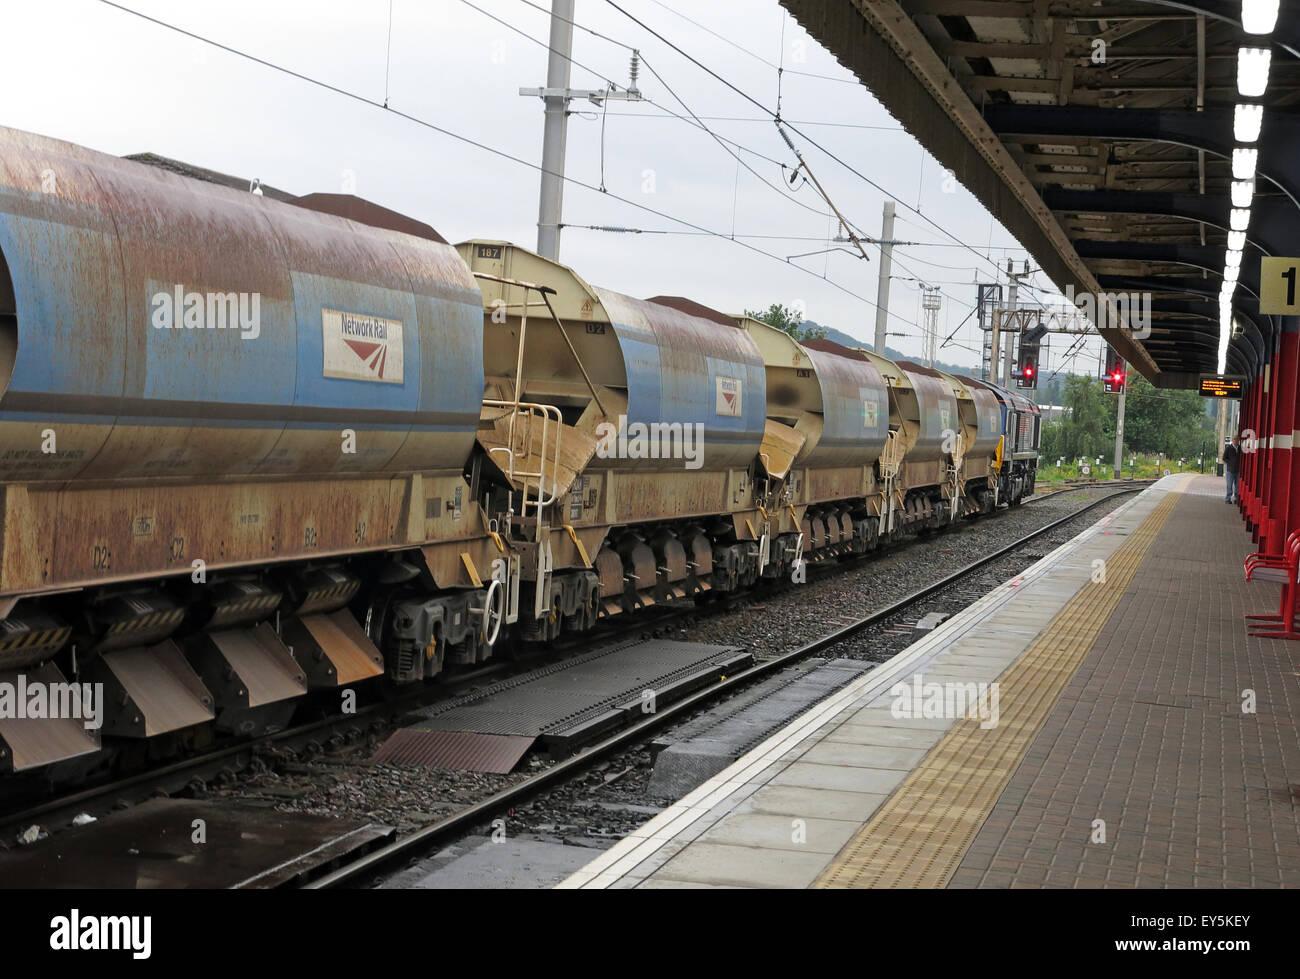 Laden Sie dieses Alamy Stockfoto Railtrack Eisenbahn-Güterwagen an einem roten Signal bei Warrington Bank Quay Station, Cheshire, England, UK - EY5KEY